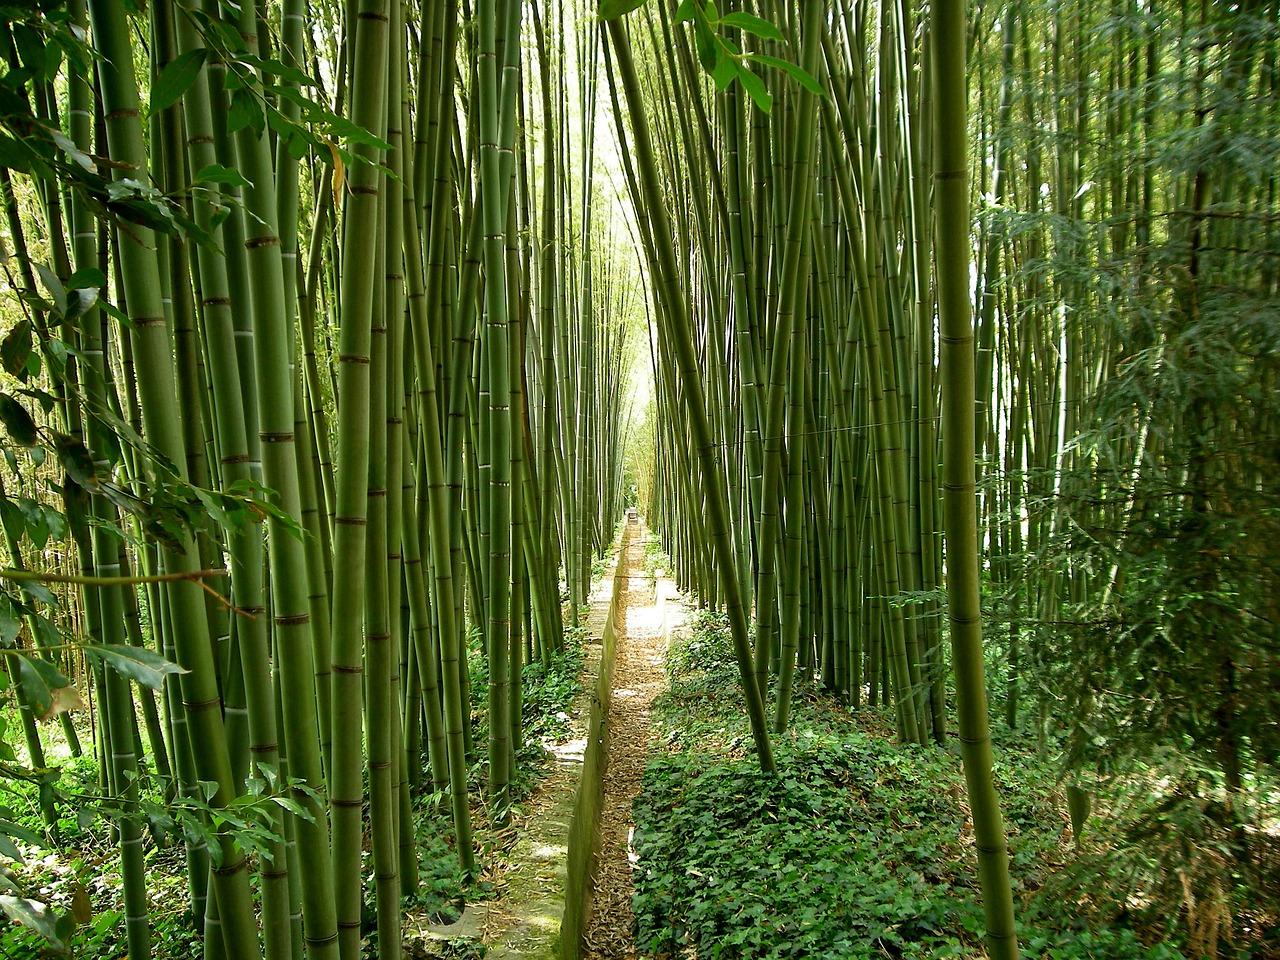 картинка с бамбуком желаемый цвет достигнут